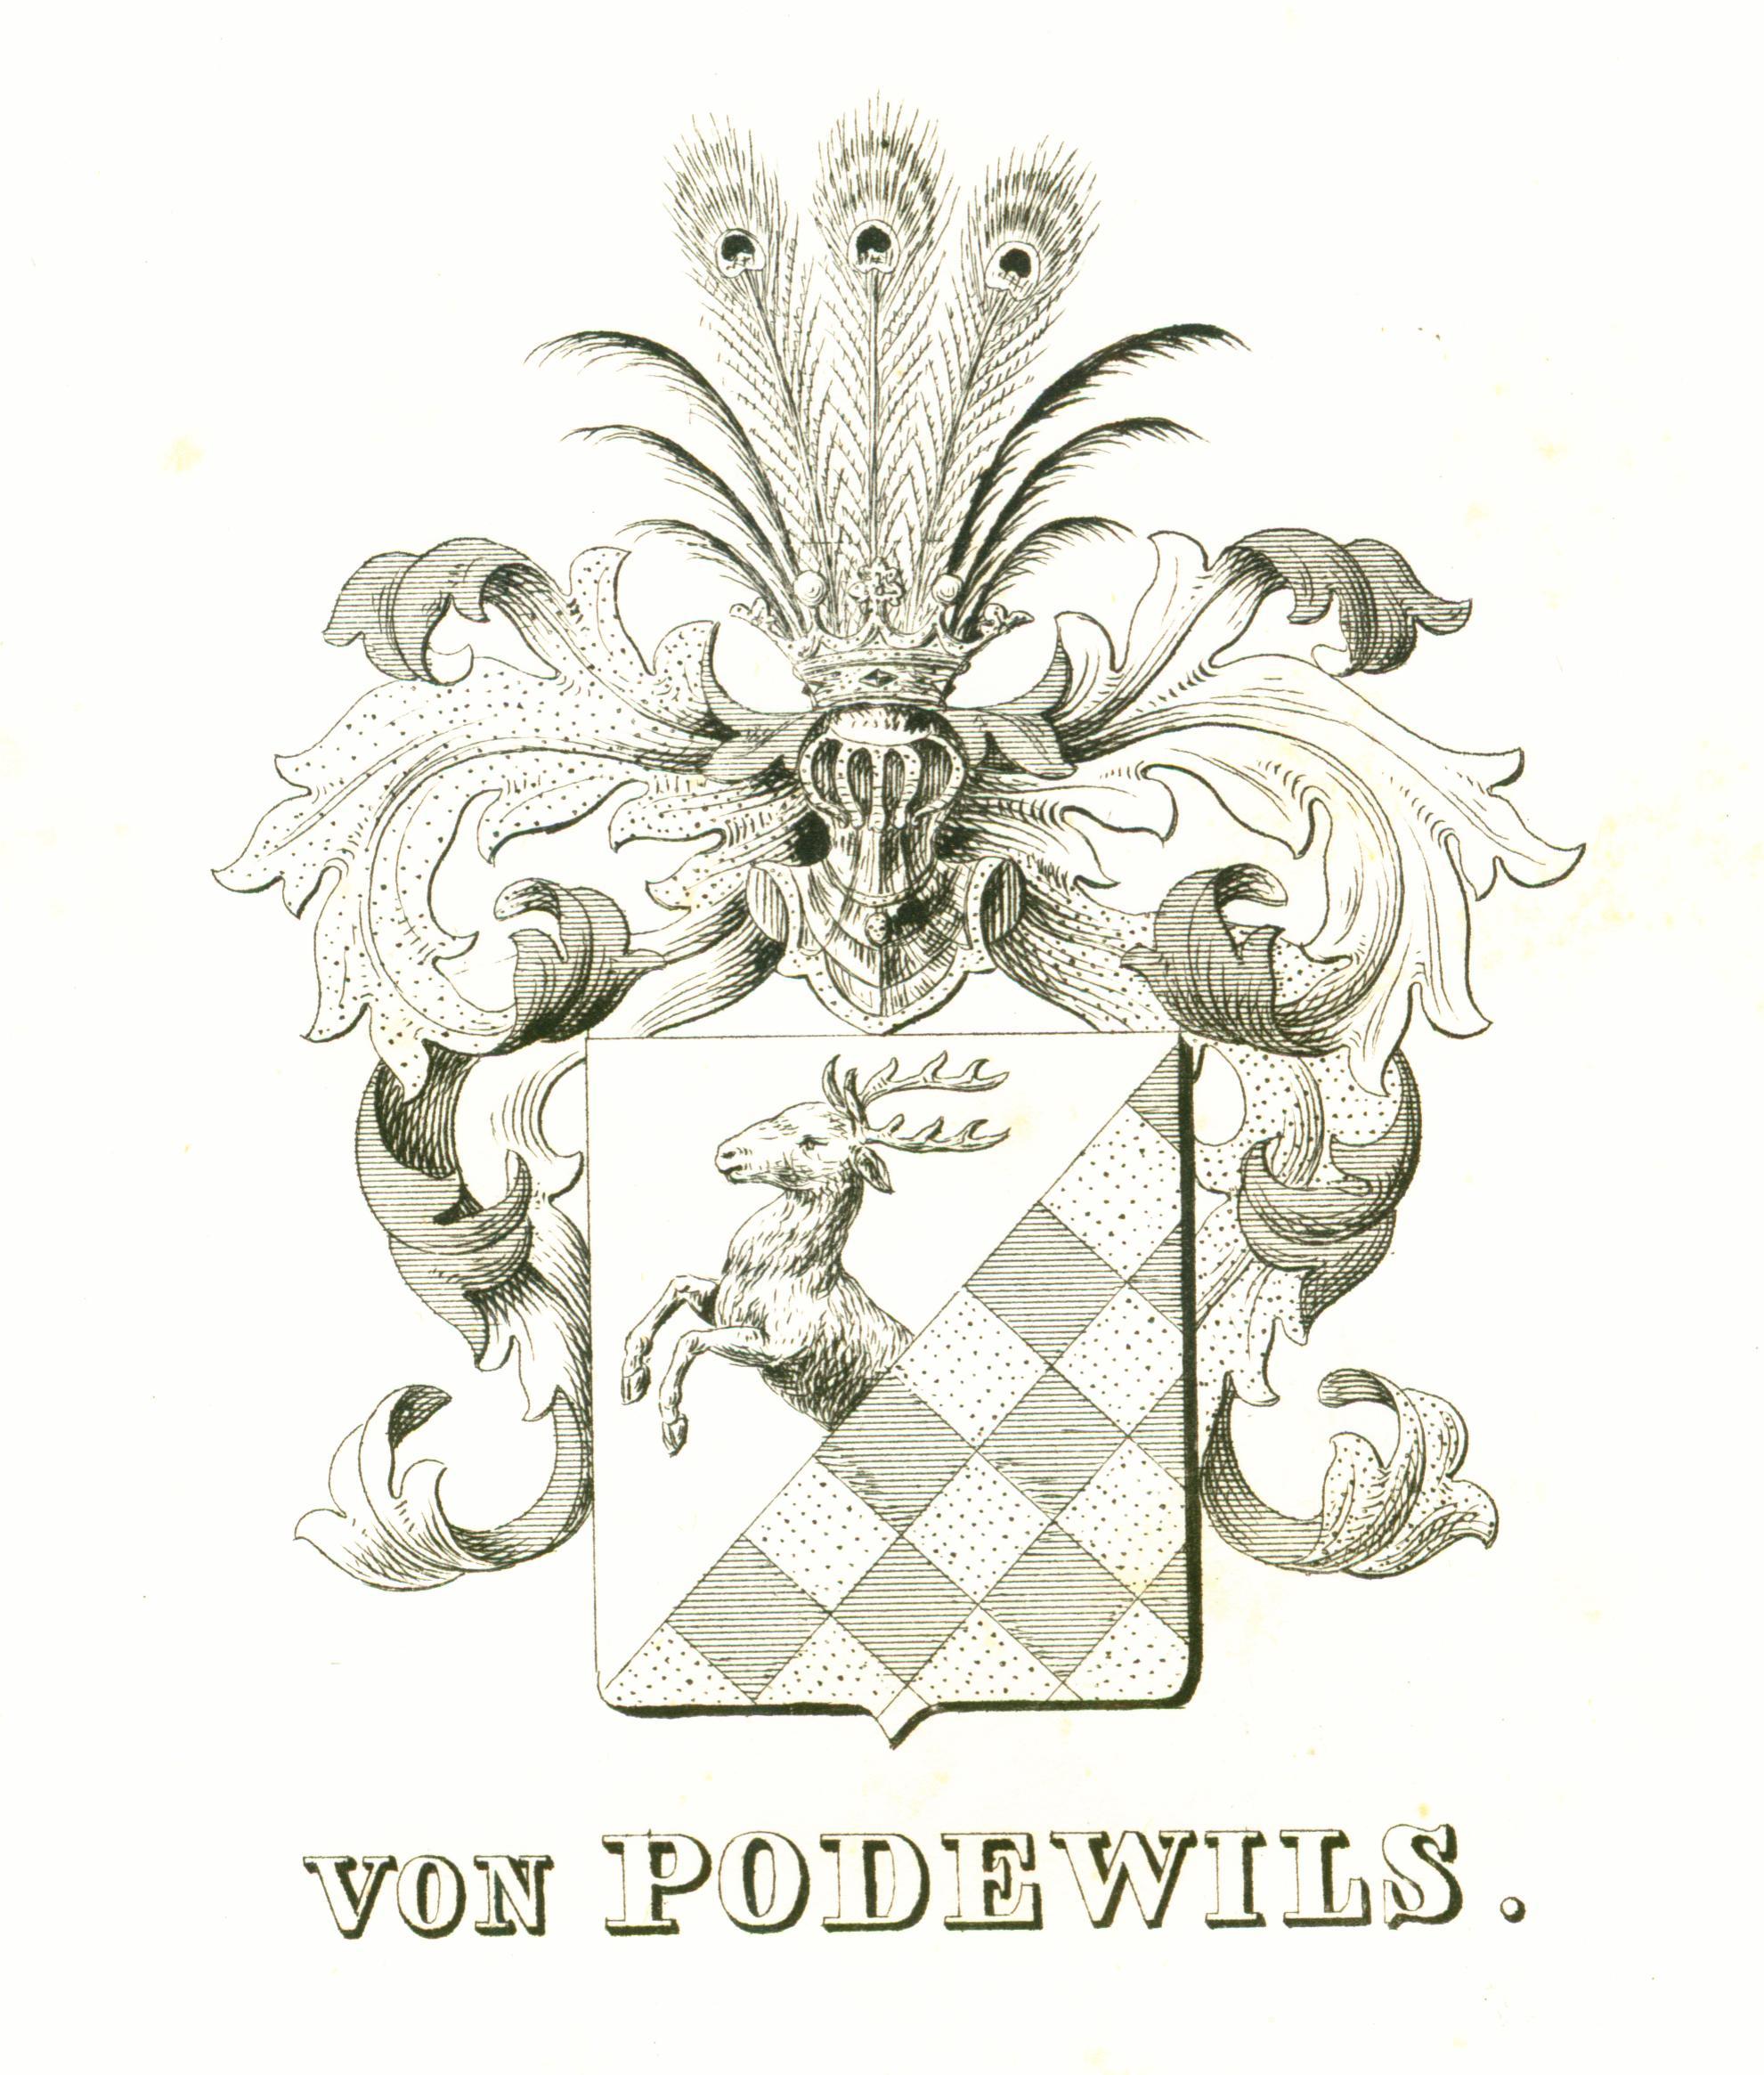 Podewils